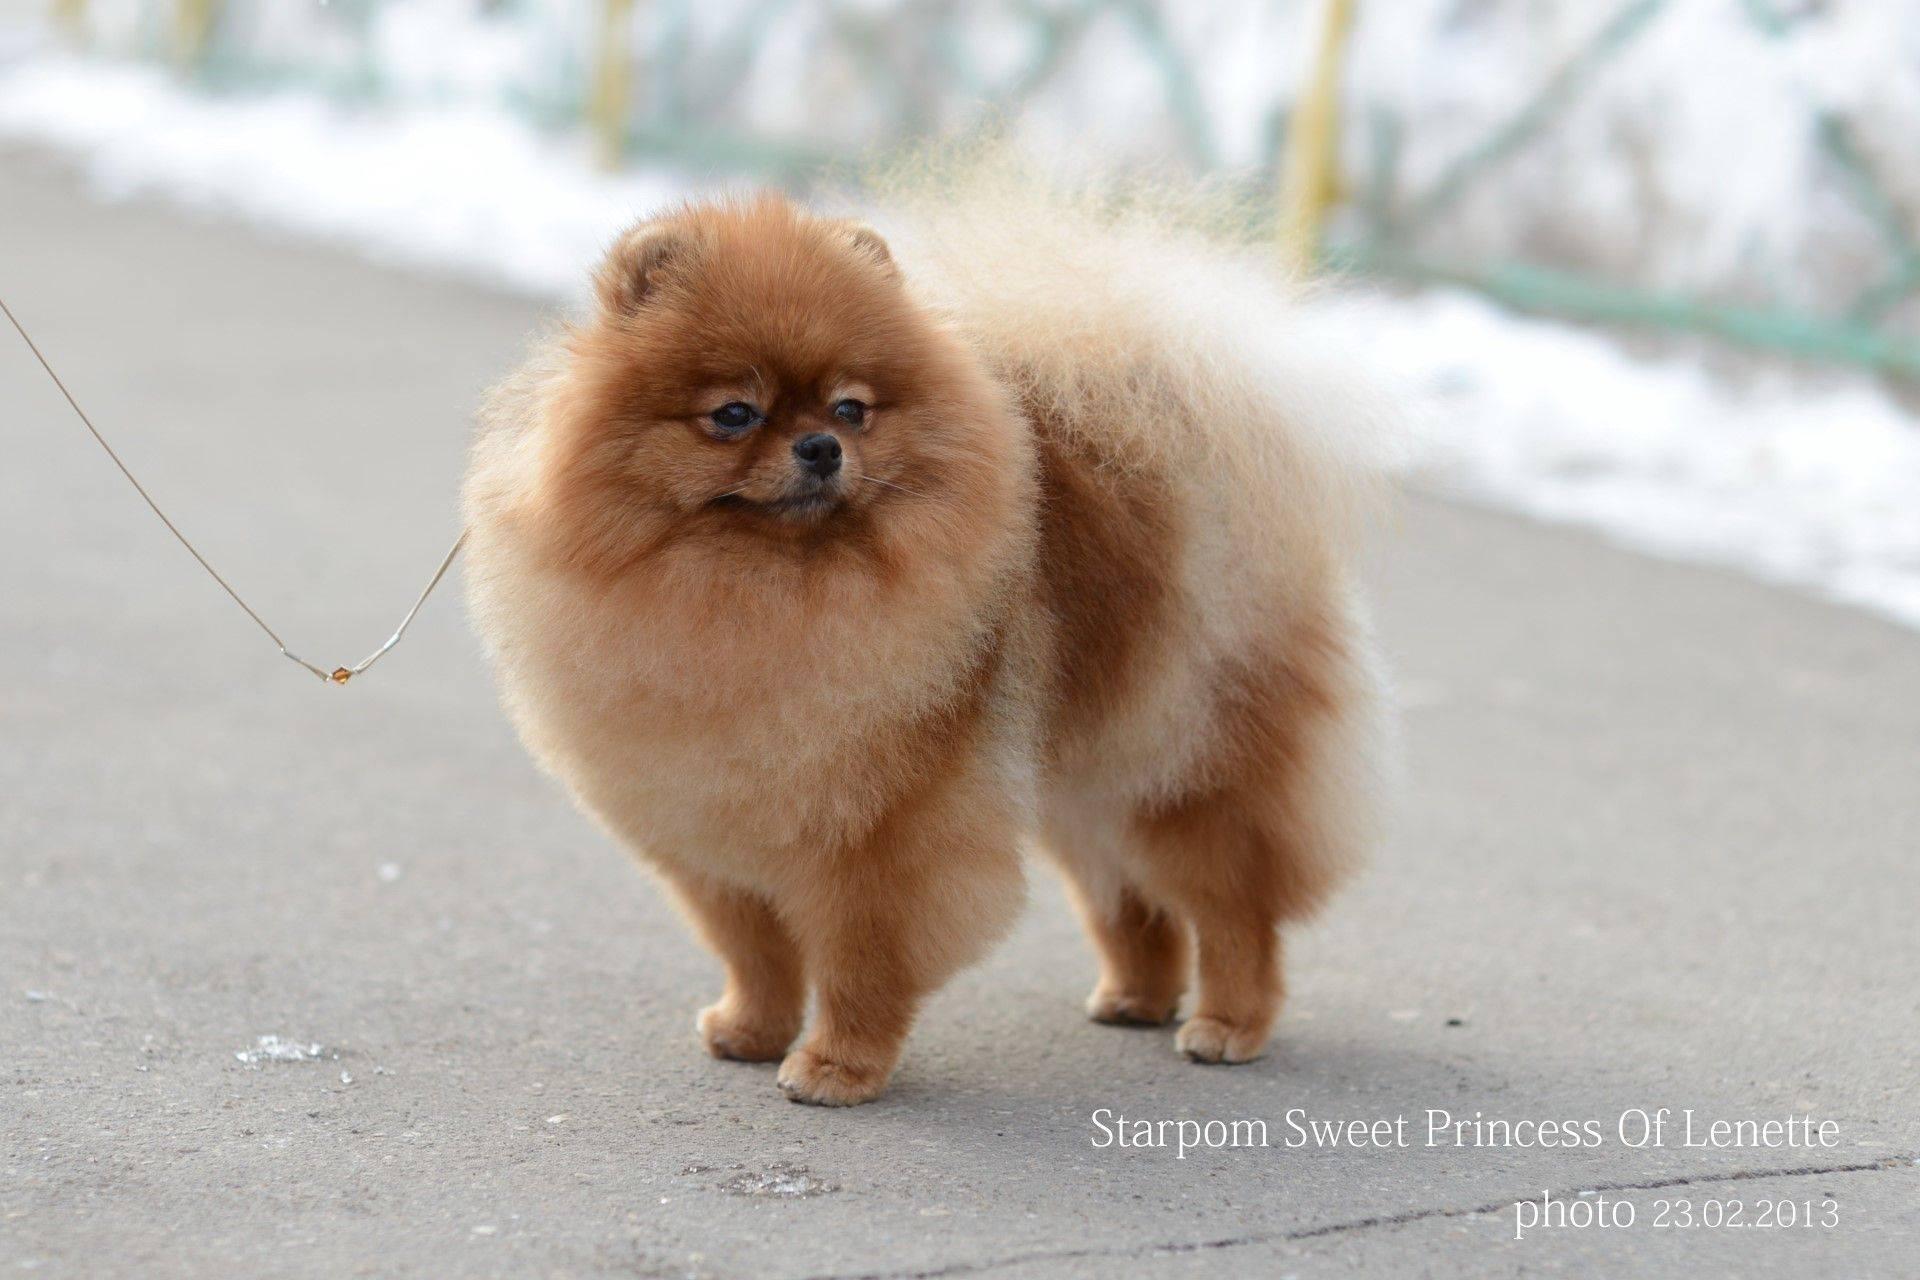 Померанский шпиц (мишка) – карликовая собака медвежьего типа, описание породы, характеристика, окрасы